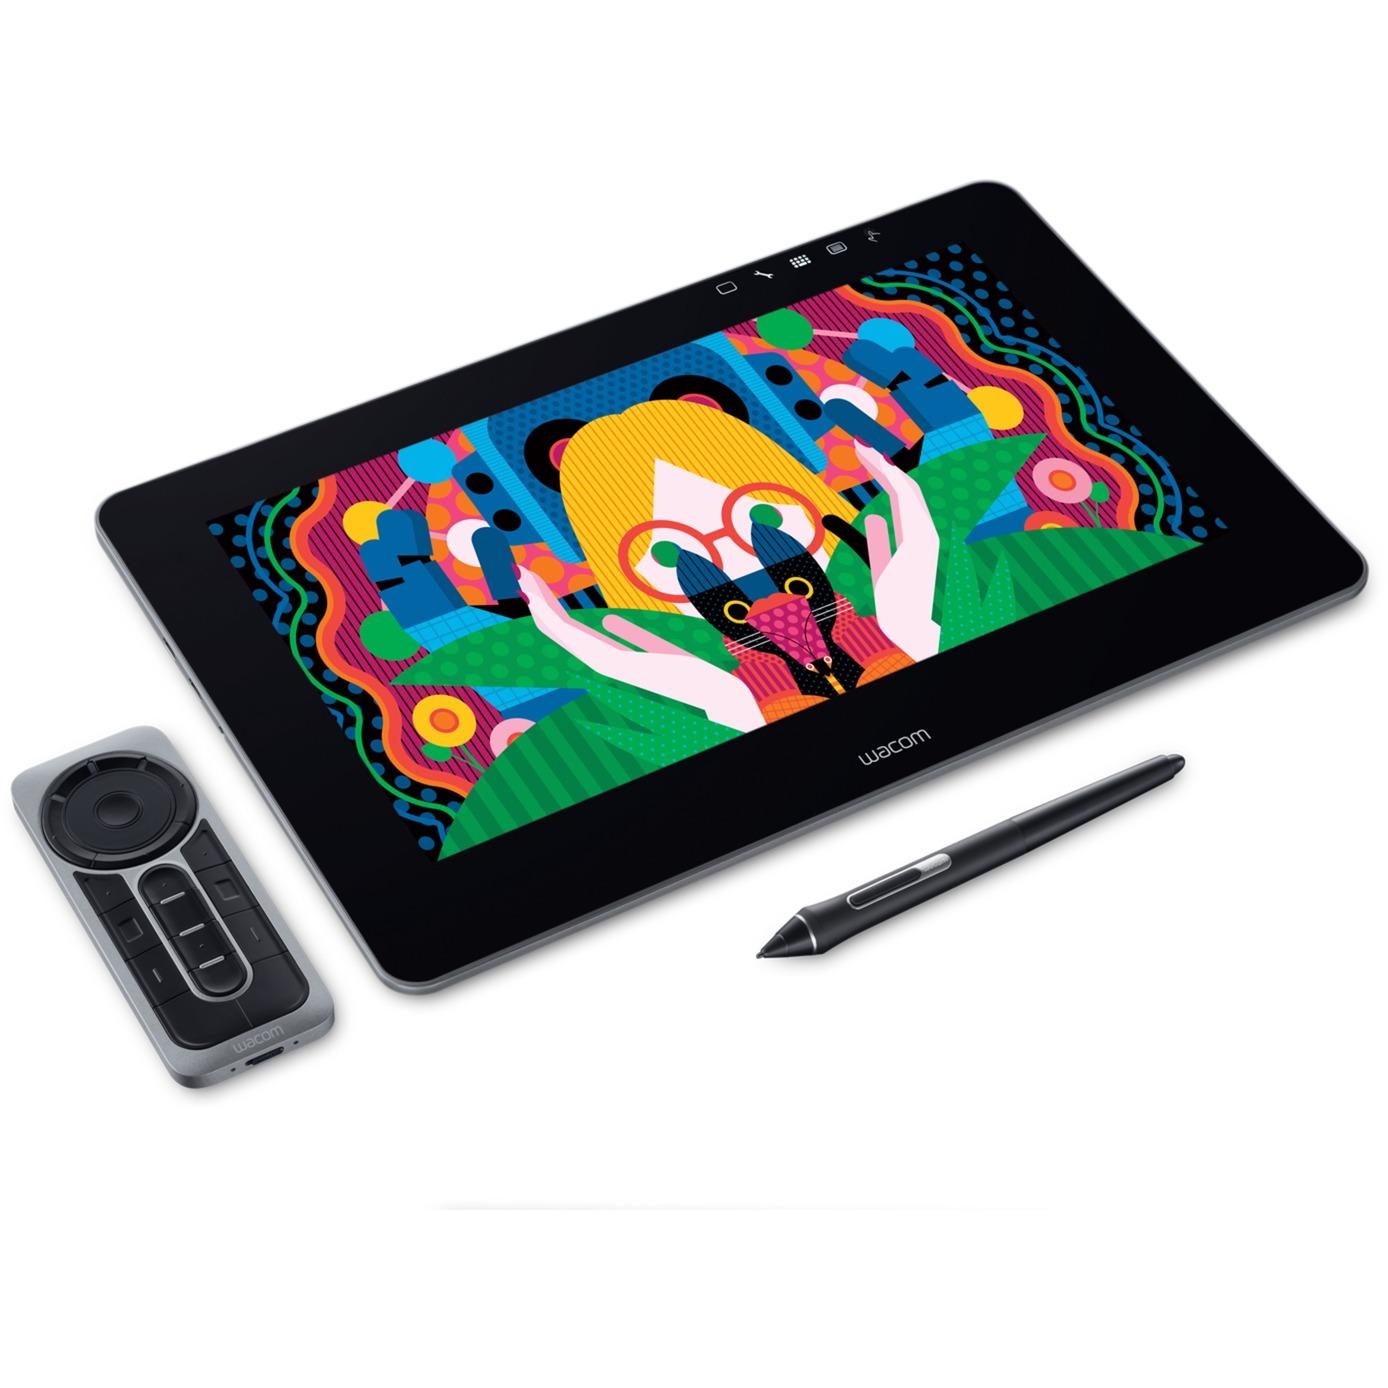 Cintiq Pro 13 5080lignes par pouce 294 x 166mm USB Noir tablette graphique